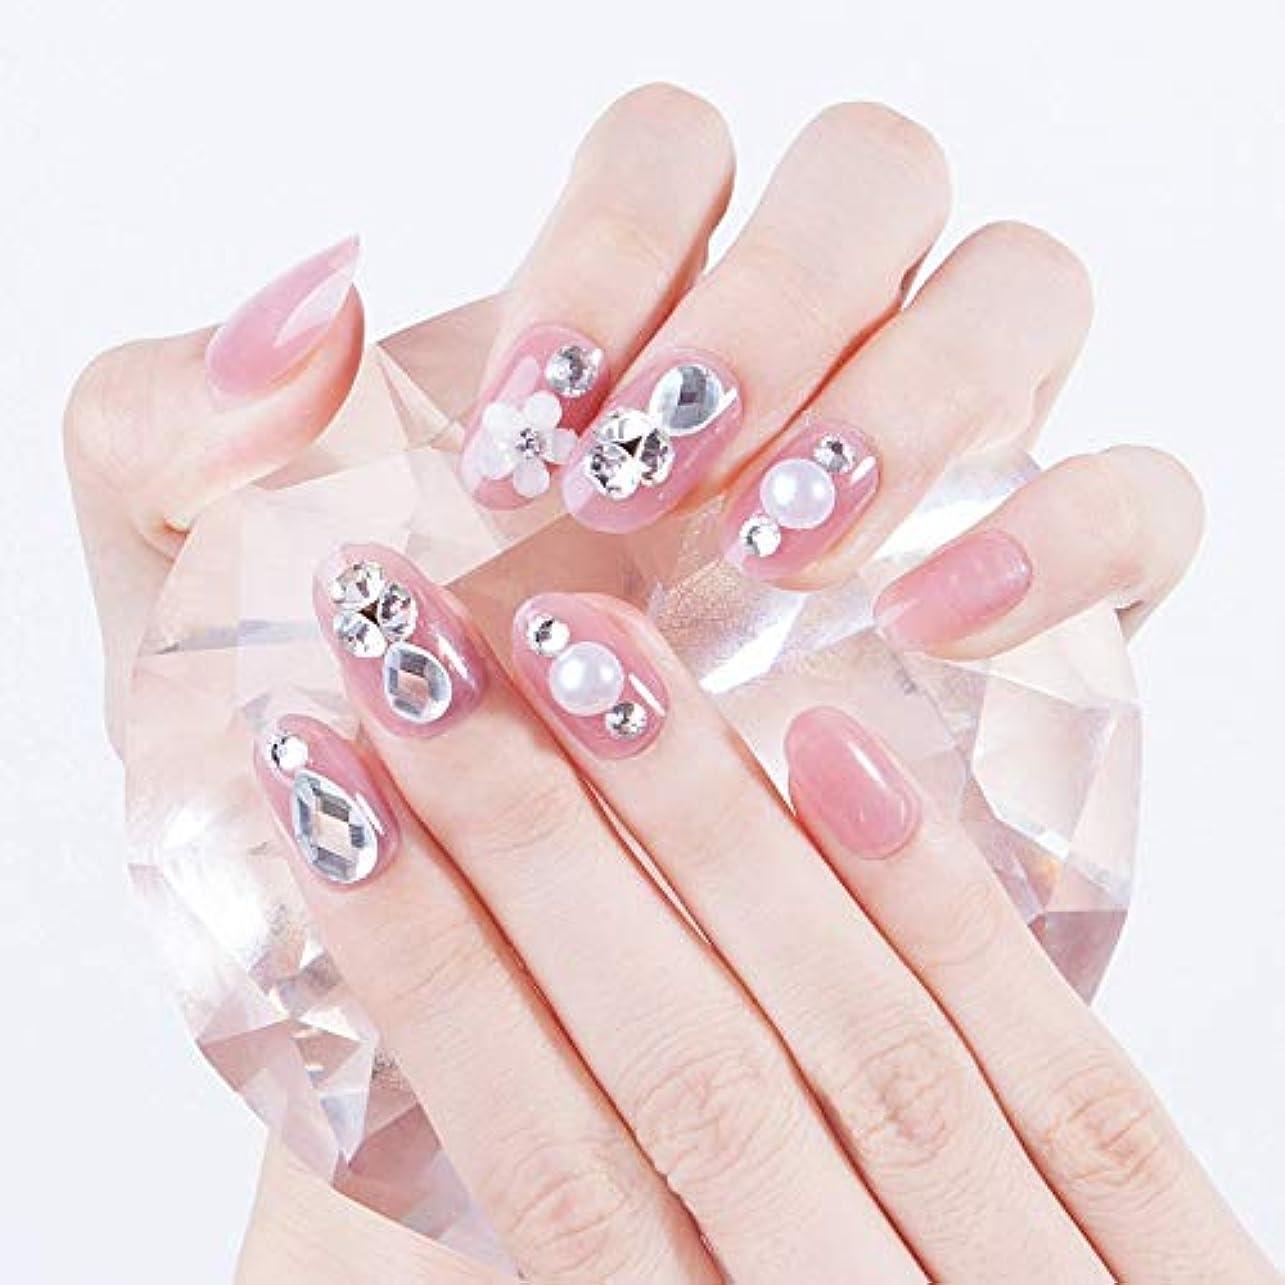 歩行者ライトニング影響力のあるスウィートピンク 水滴タイプアクリルや3D花飾り、キラキララインストーンなどのデコレーション 花嫁ネイルチップ 手作りつけ爪 ネイルジュエリー ネイルアート